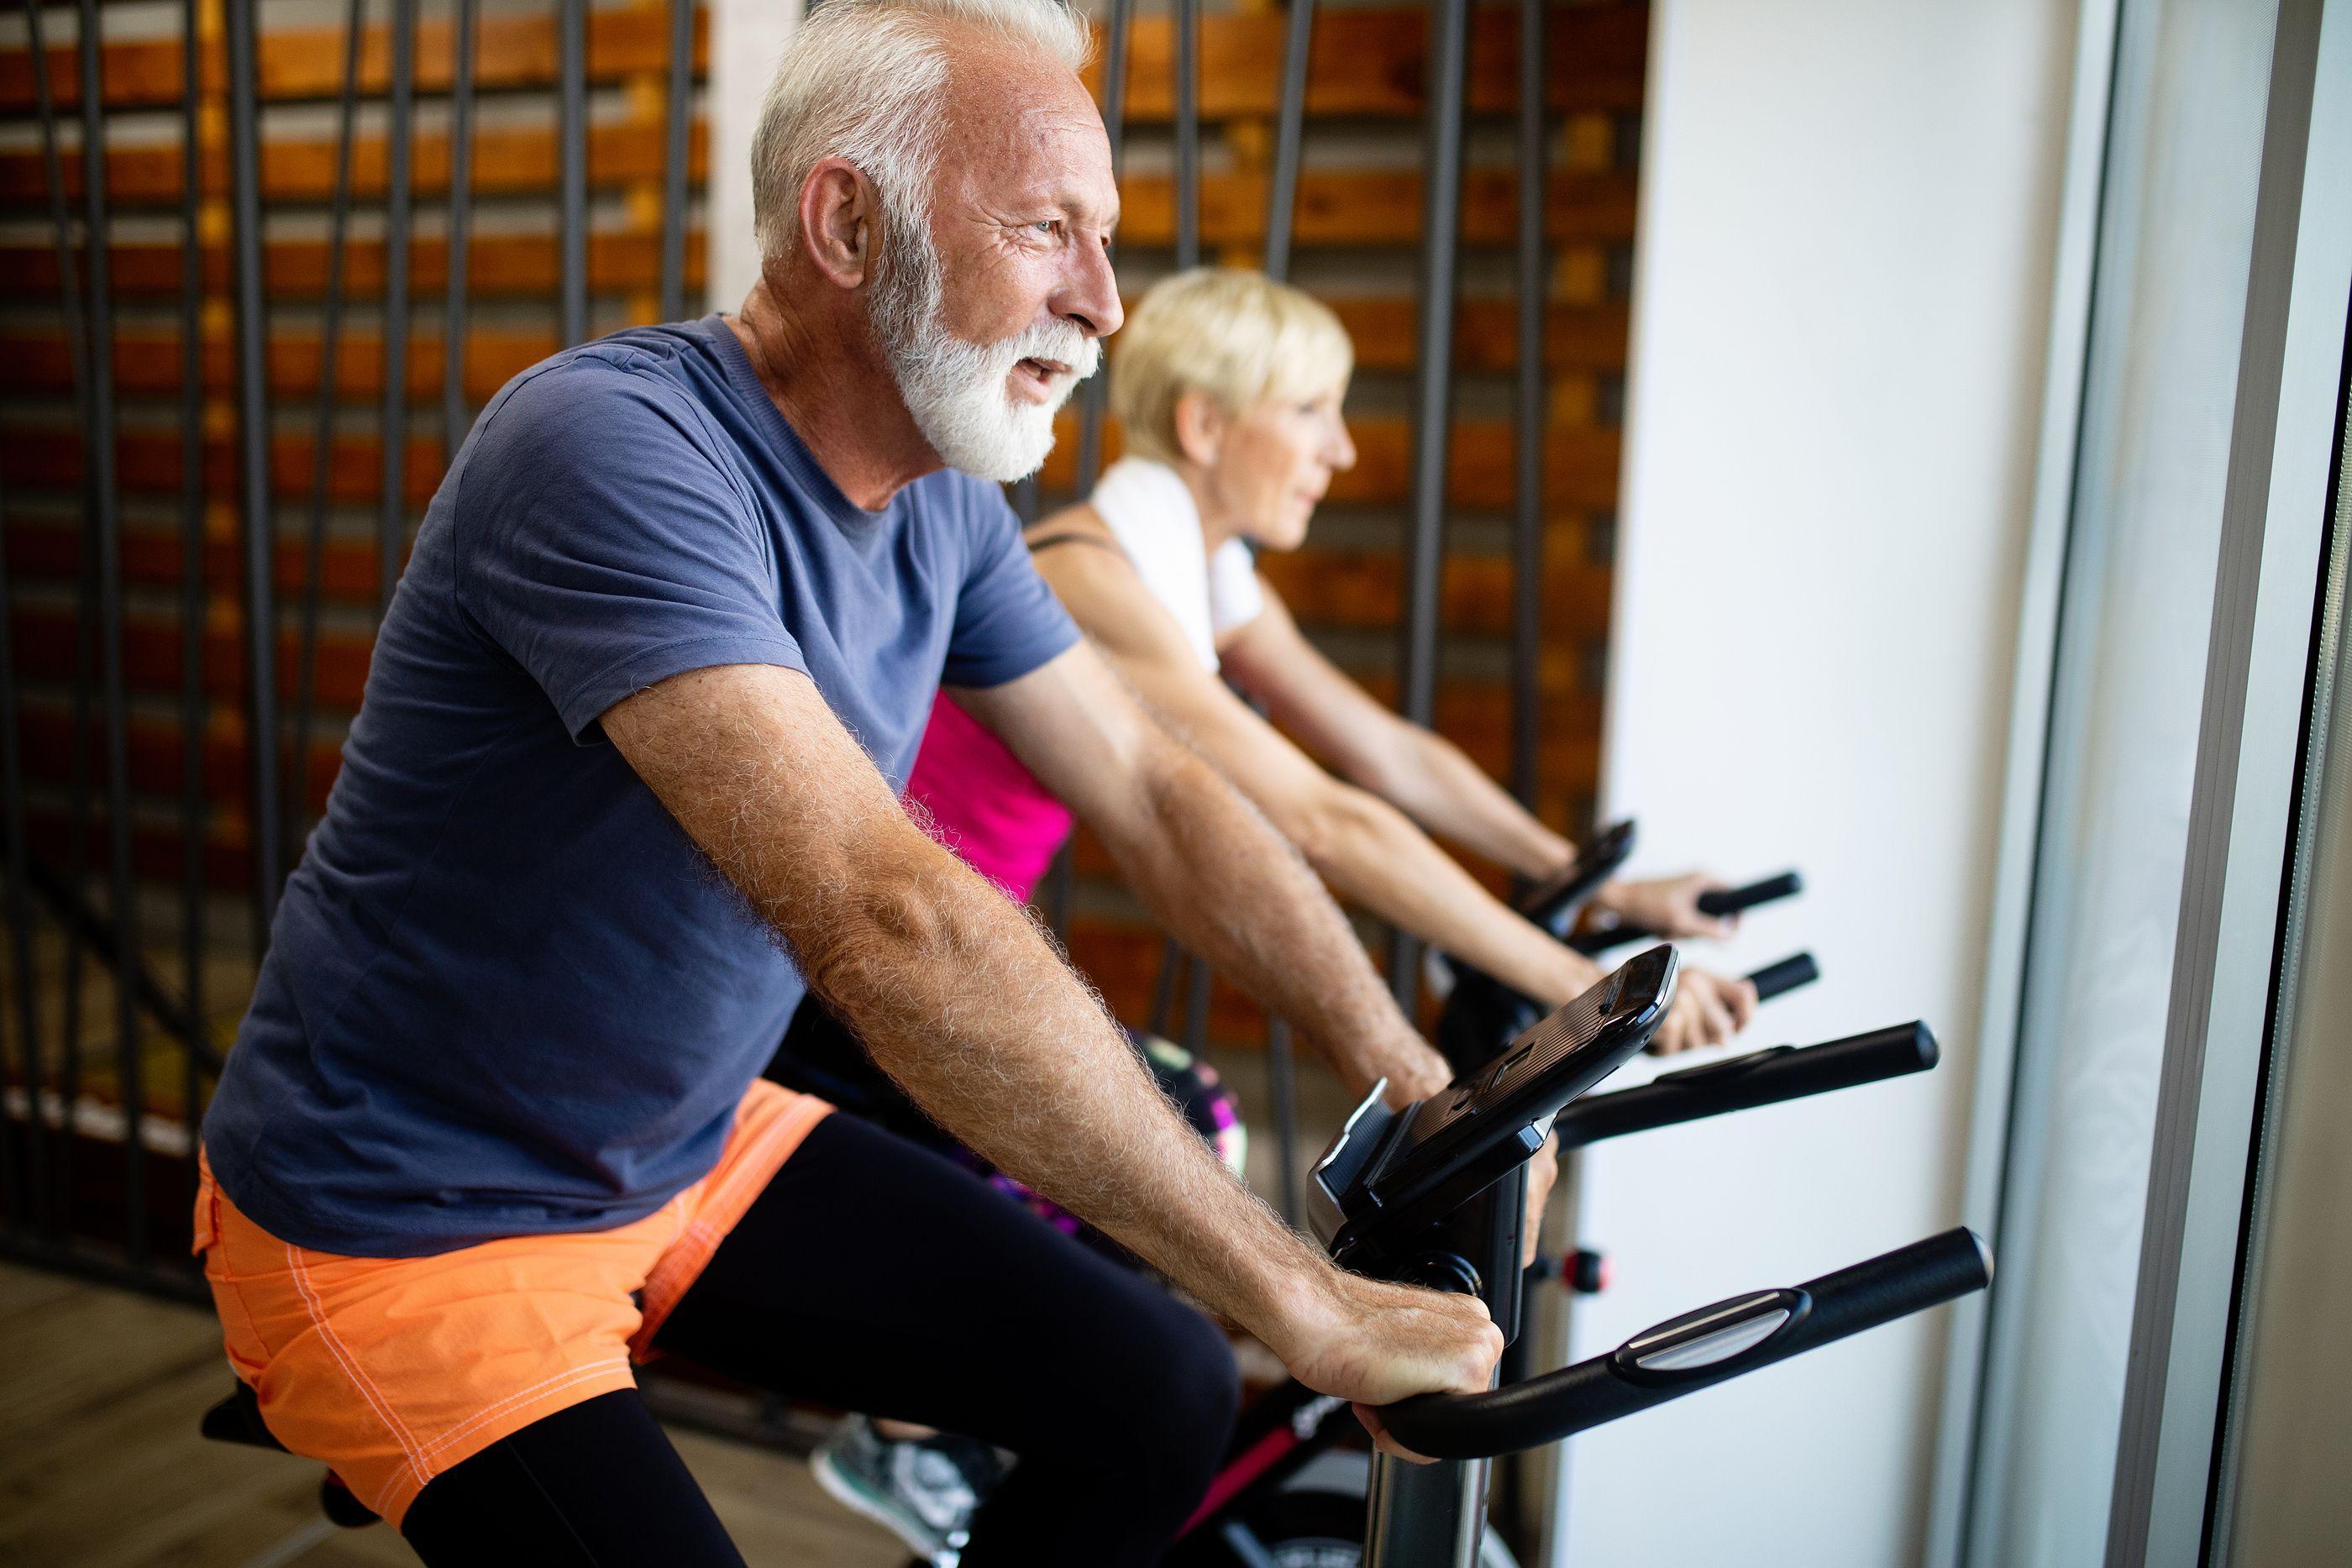 Аэробные тренировки – путь к ускоренному восстановлению после инсульта